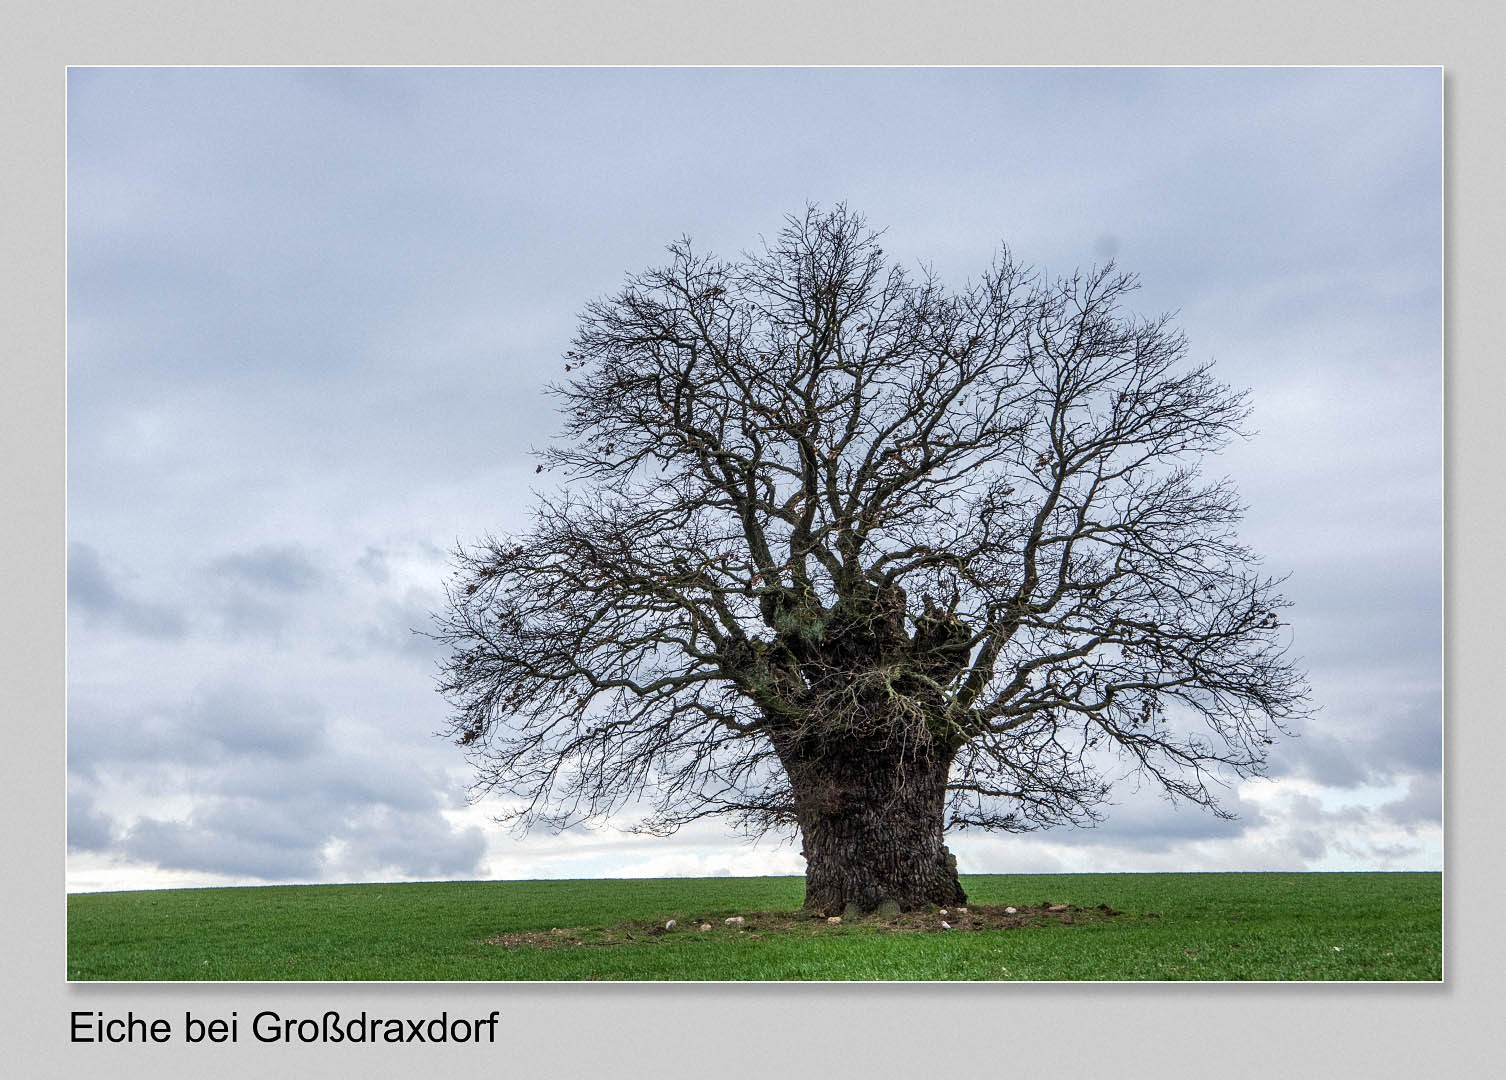 Guenther-Kuehnl-Grossdraxdorf